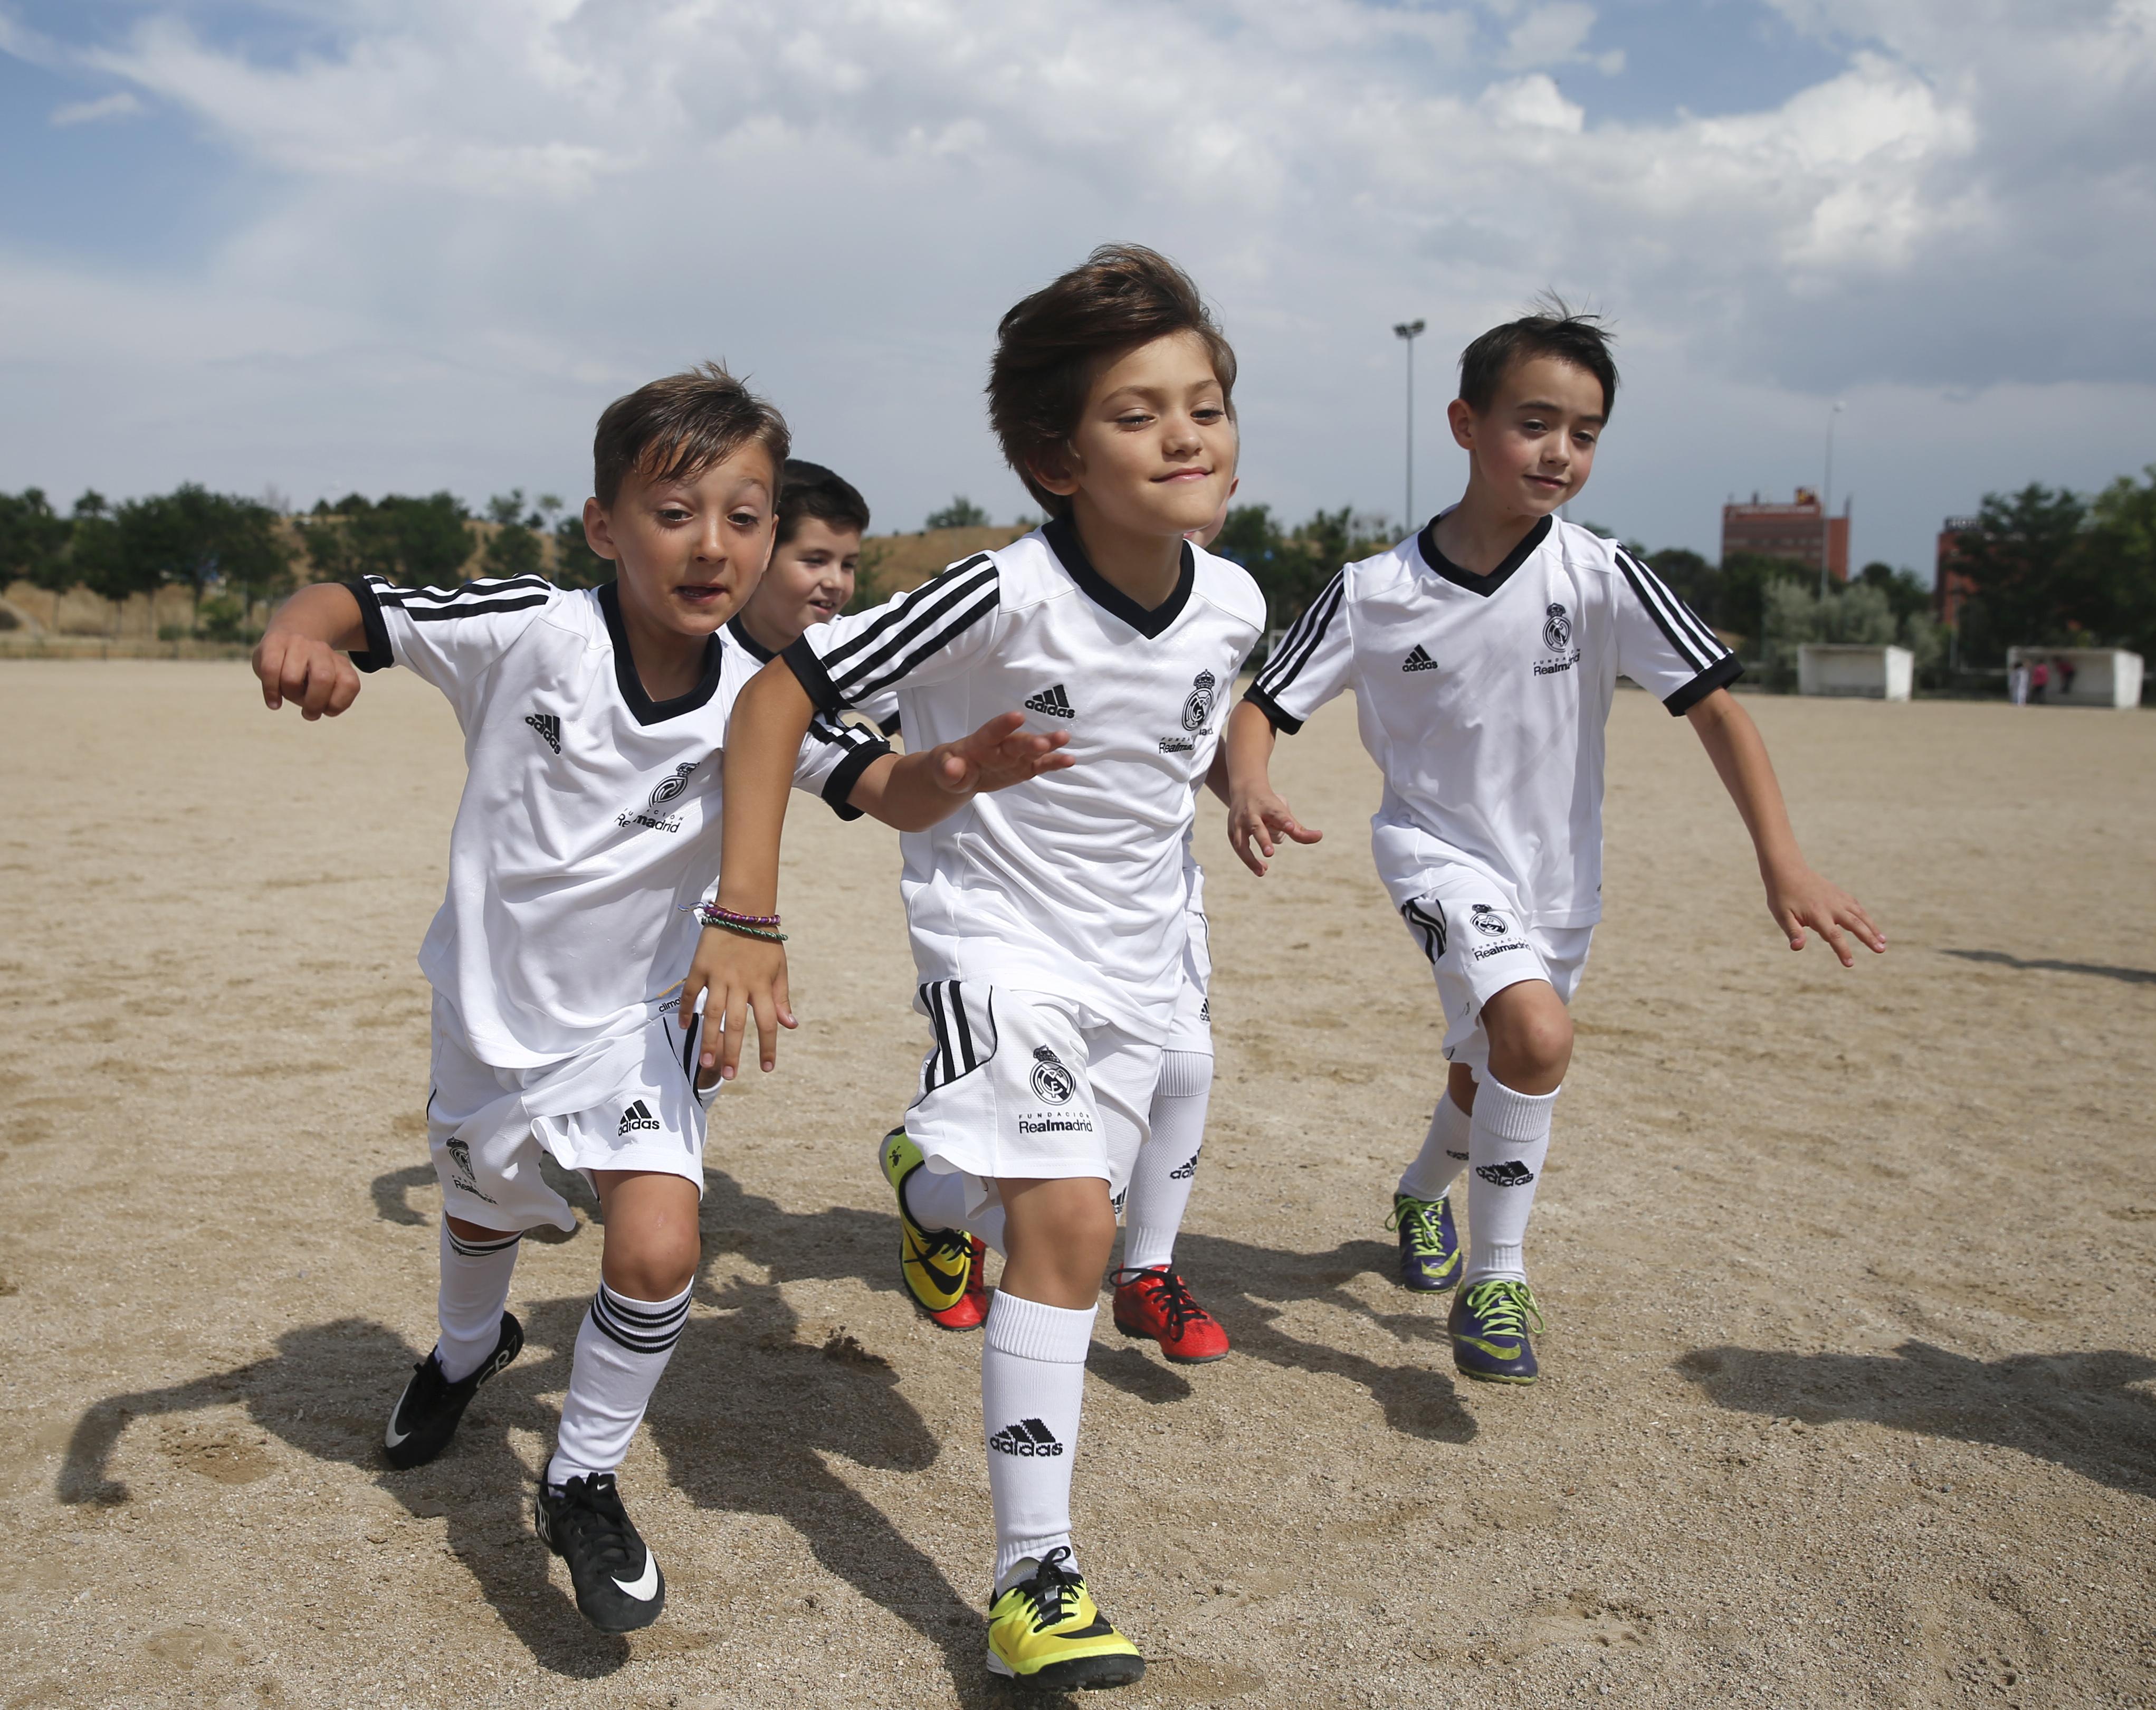 Официальный футбольный лагерь FUNDACIÓN REAL MADRID CLINIC